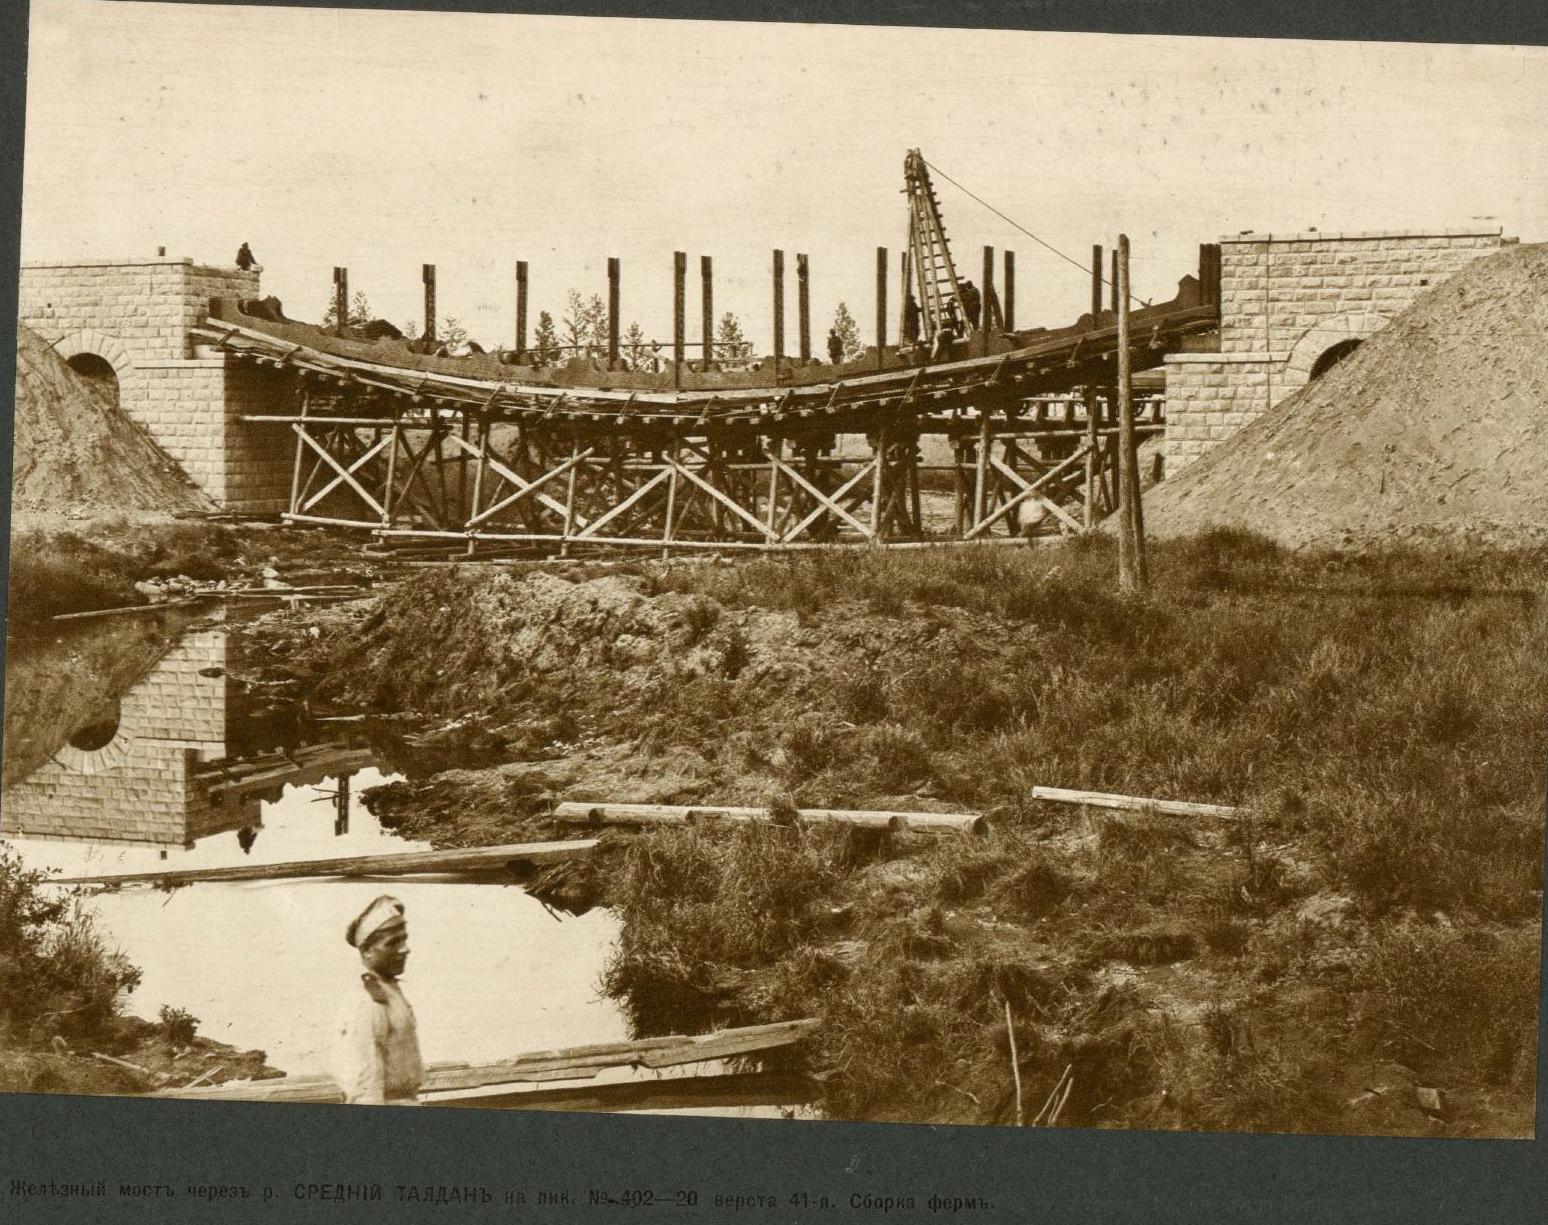 41 верста. Железный мост через реку Средний Талдан на пик. № 402-20. Сборка ферм